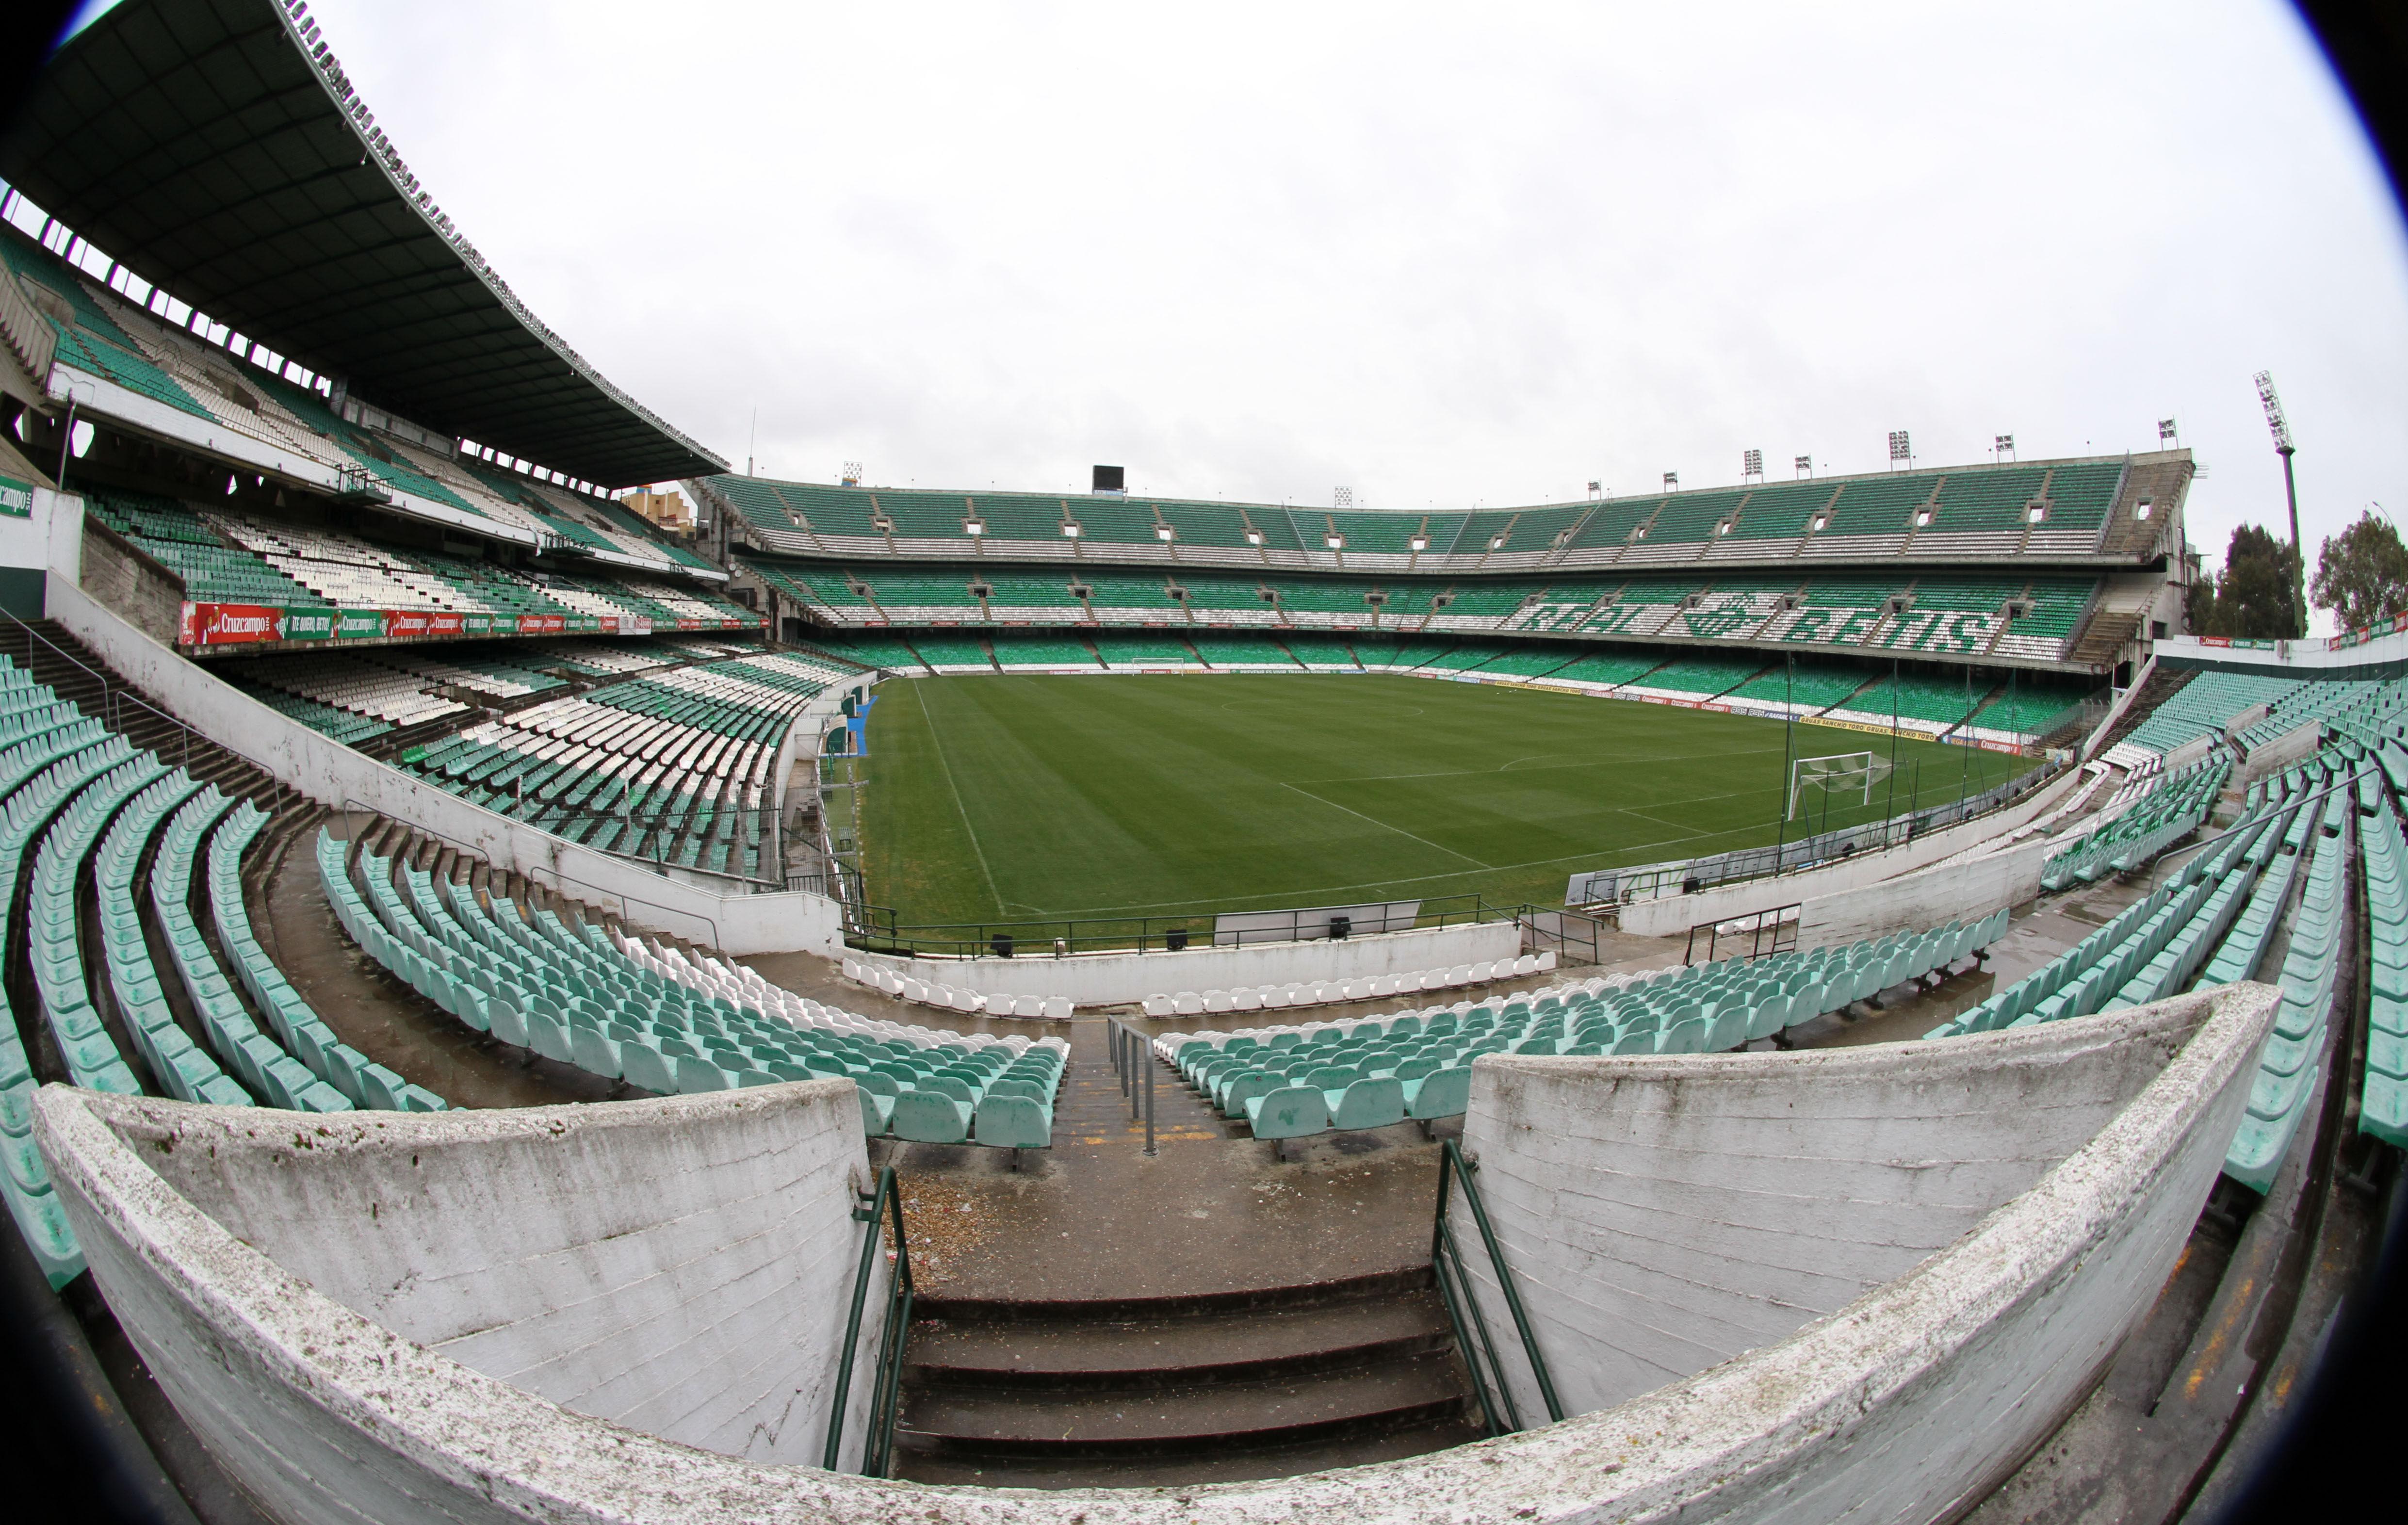 ¿Cómo se llama el estadio del Real Betis Balompié?